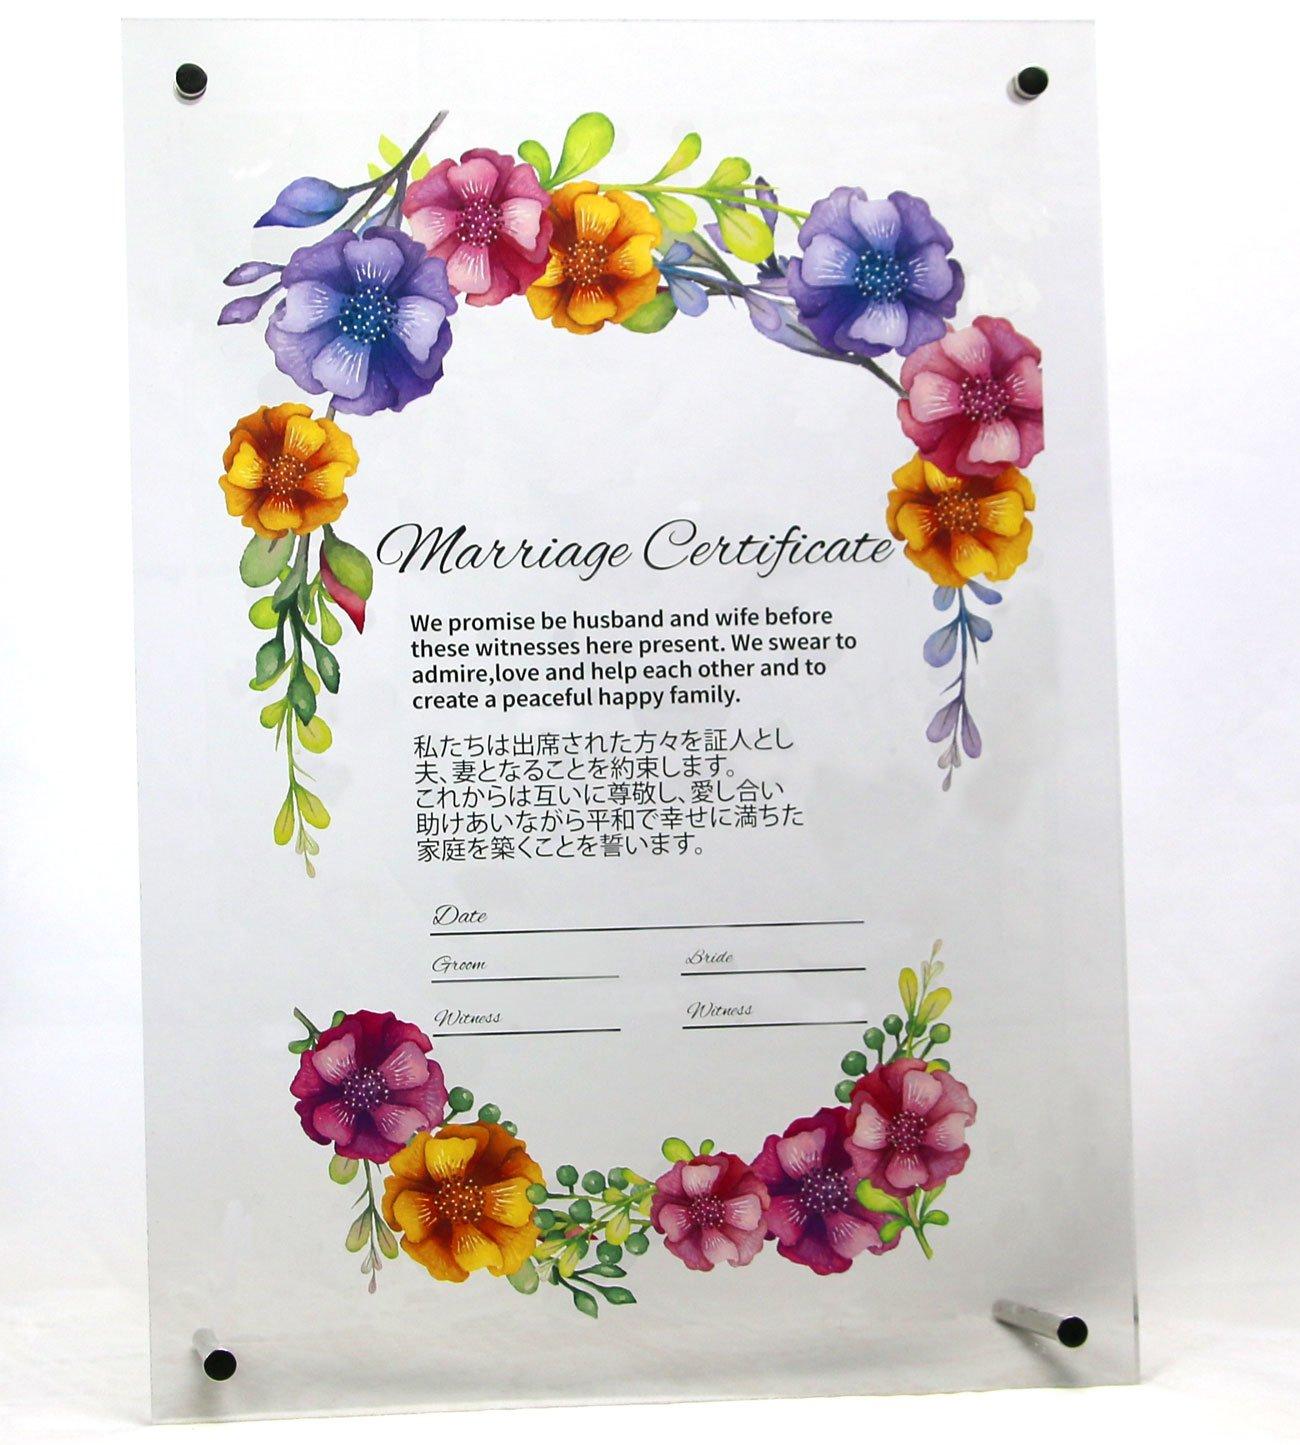 輝くクリアで おしゃれな アクリル 結婚証明書 神前式 人前式 チャペル式 など対応 A4サイズ (Up Flowers) B079JQ9BKW Up Flowers Up Flowers